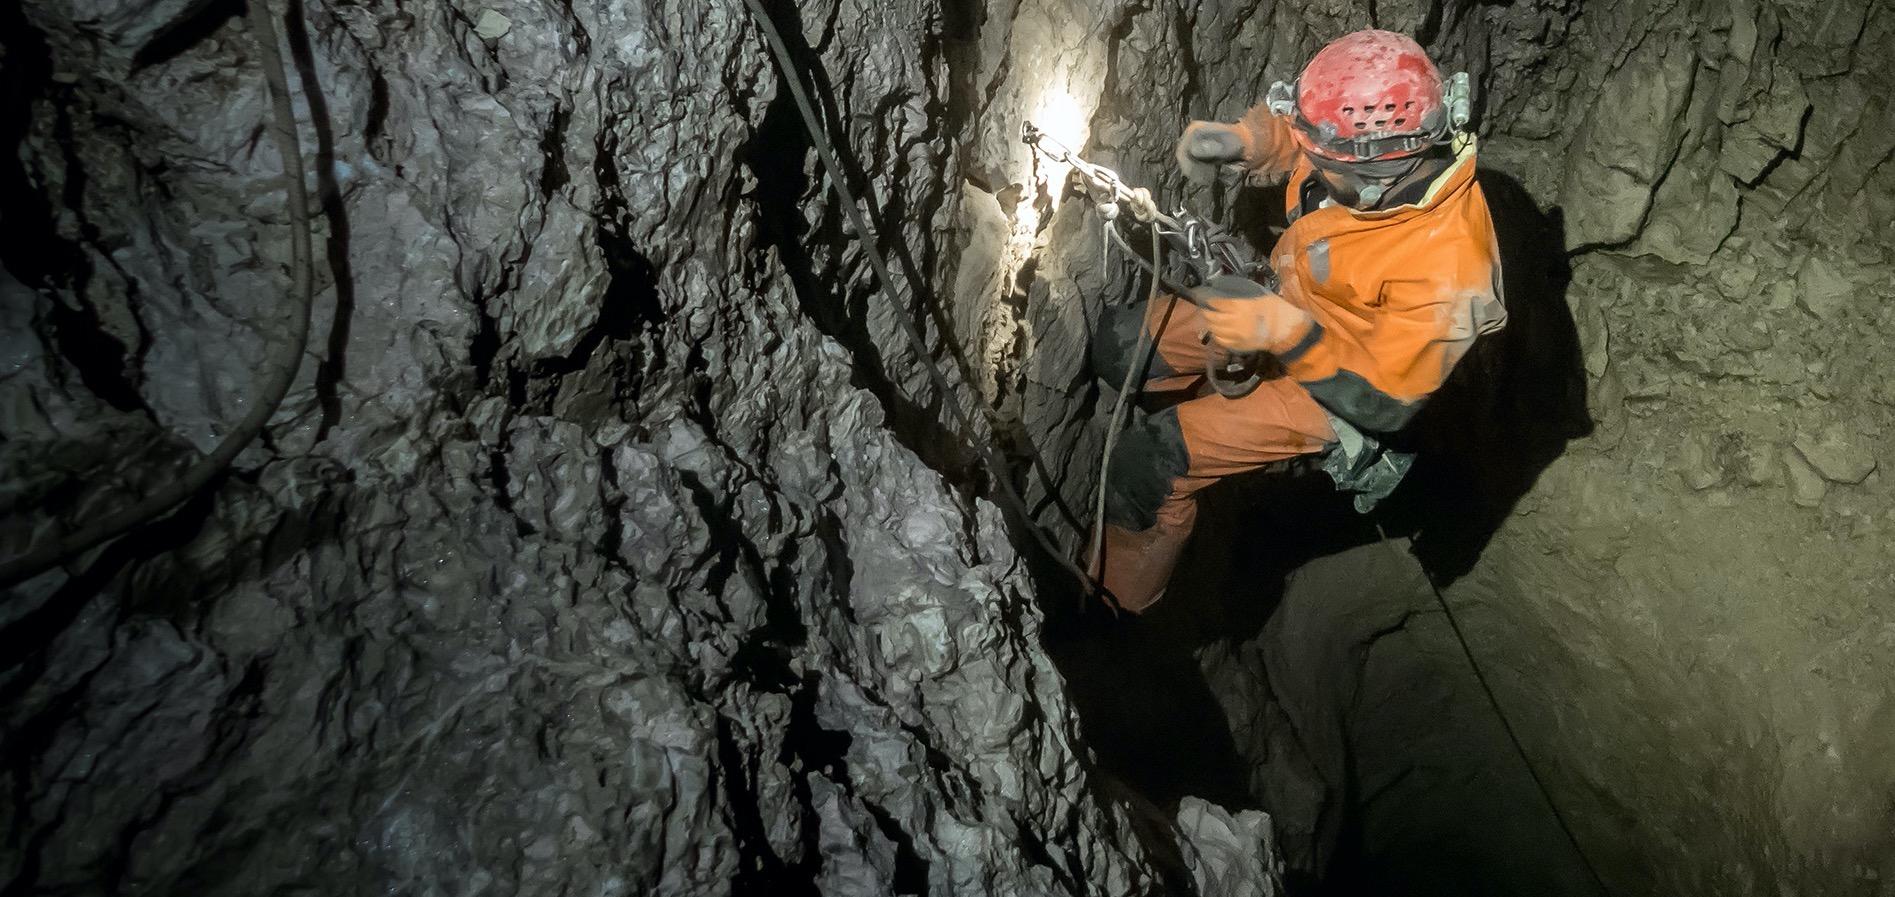 Odkryj fascynujący, podziemny świat, jaskiń KURS TATERNICTWA JASKINIOWEGO